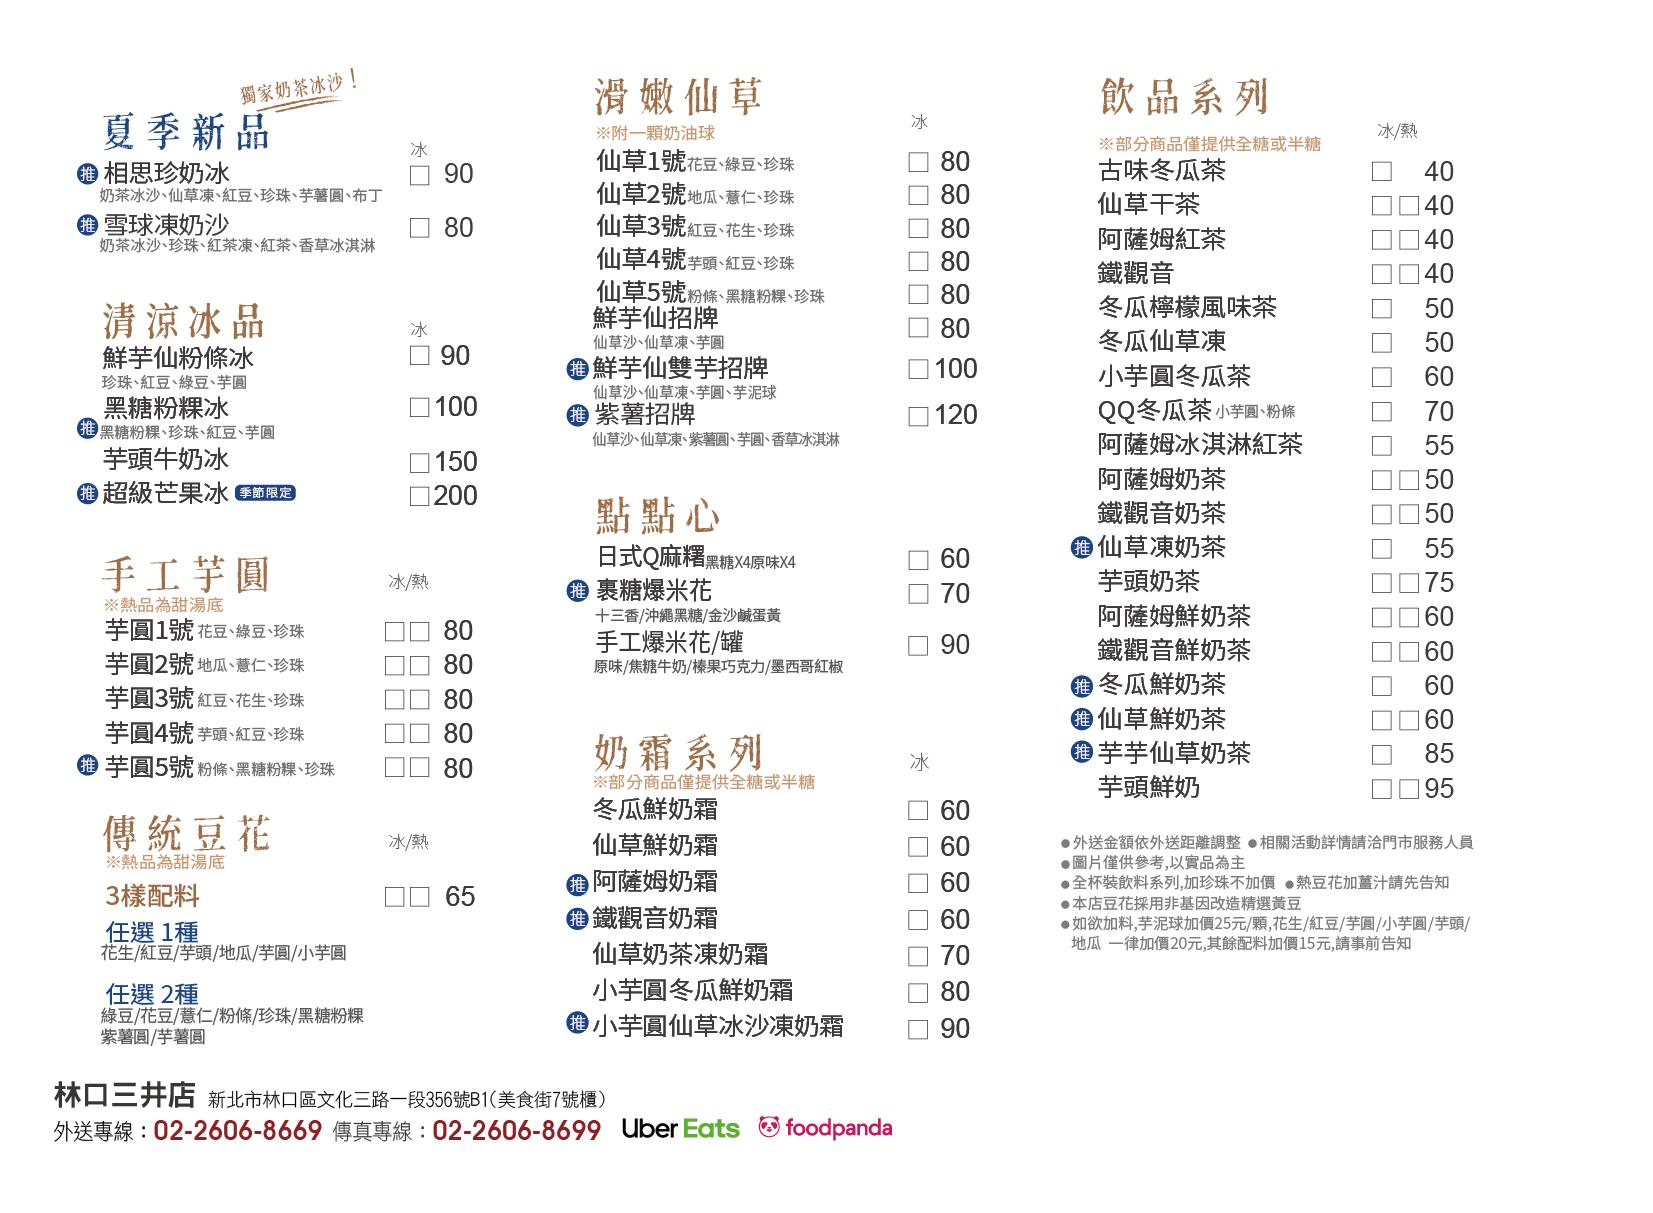 鮮芋仙菜單MENU(林口三井店)